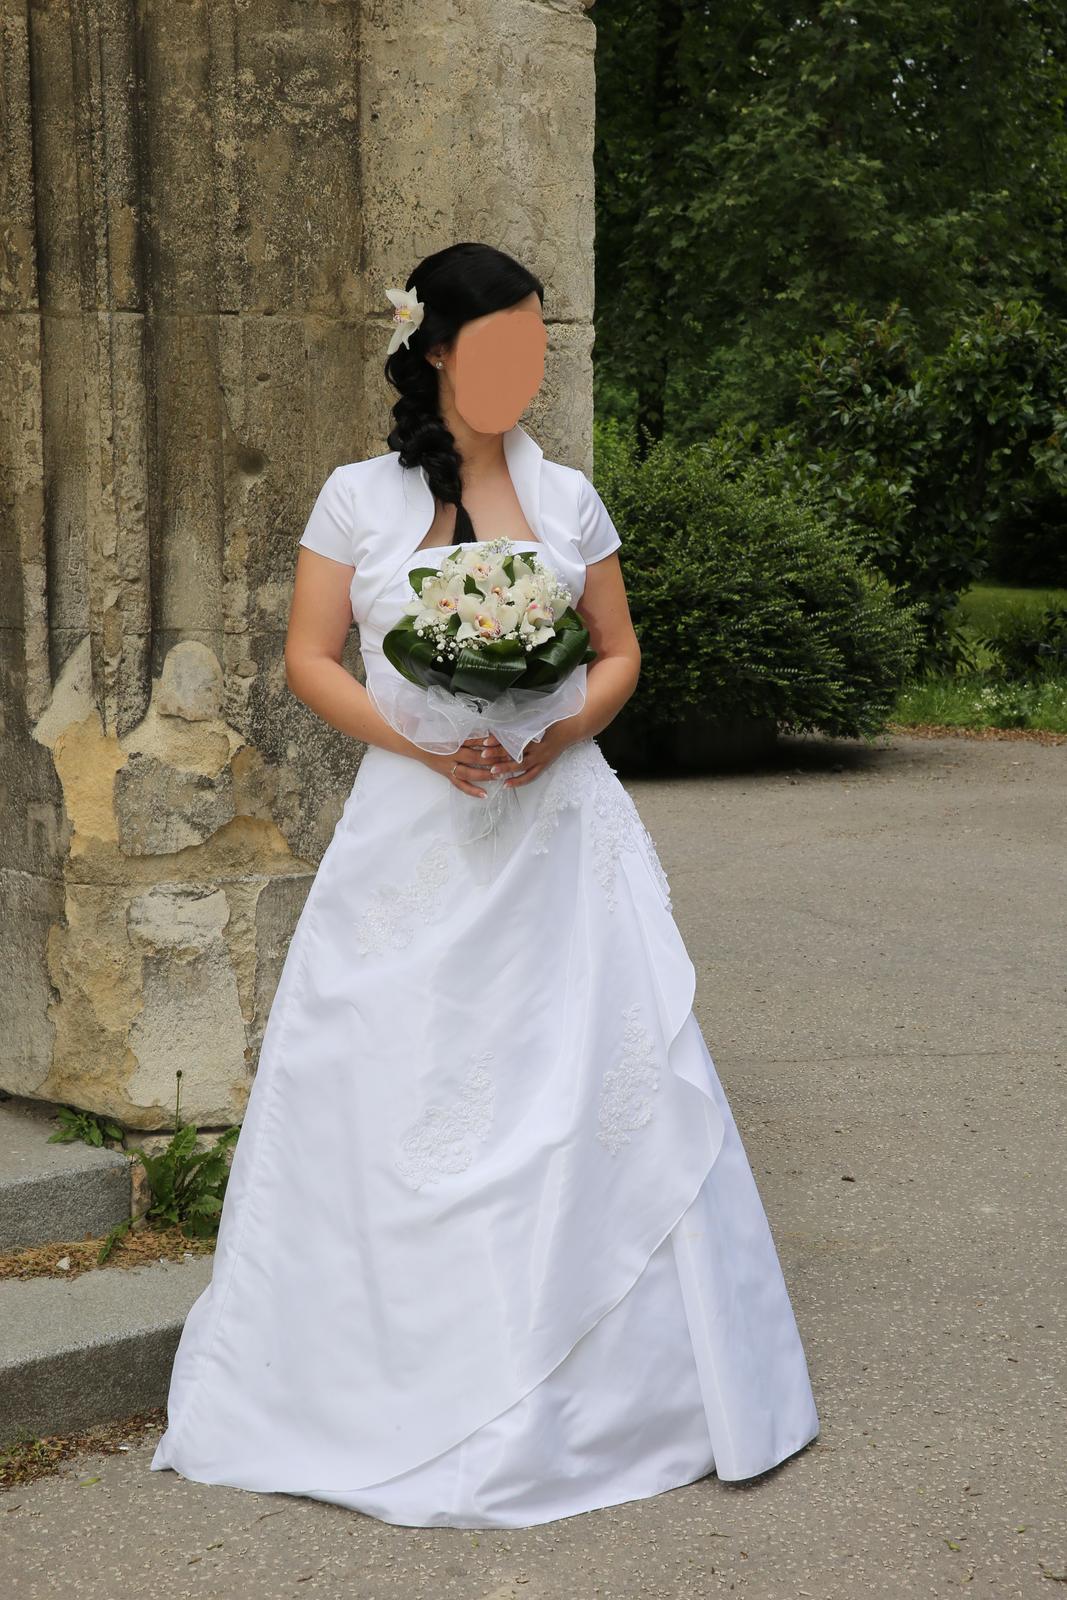 snehobiele svadobné šaty aj s bolerkom 36-38 - Obrázok č. 3